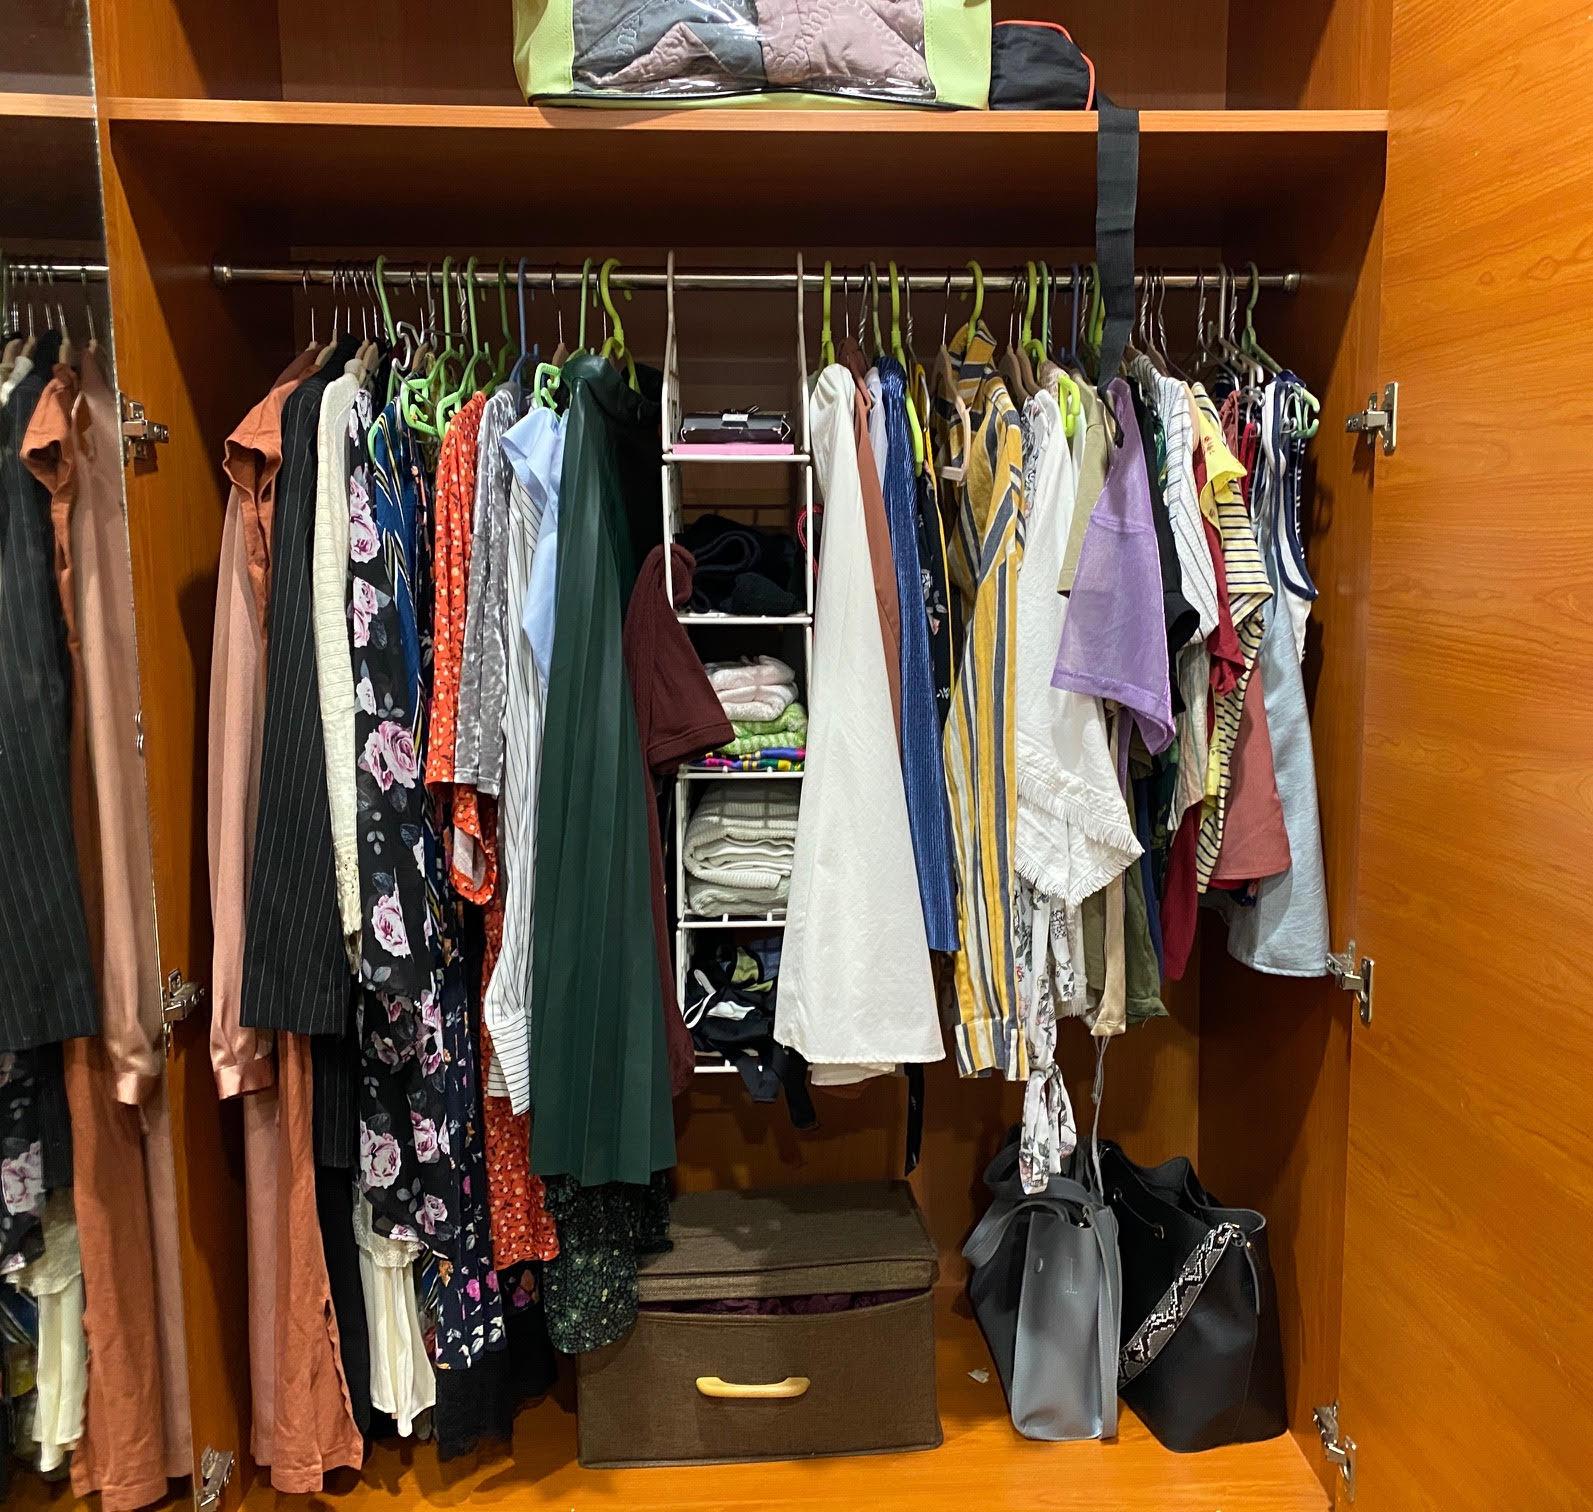 Có nên tối giản tủ quần áo, chia sẻ của cô gái trẻ mê thời trang tại Sài Gòn sẽ đánh thức chuyện dọn dẹp mà lâu nay nhiều chị em vẫn thường làm lơ - Ảnh 8.